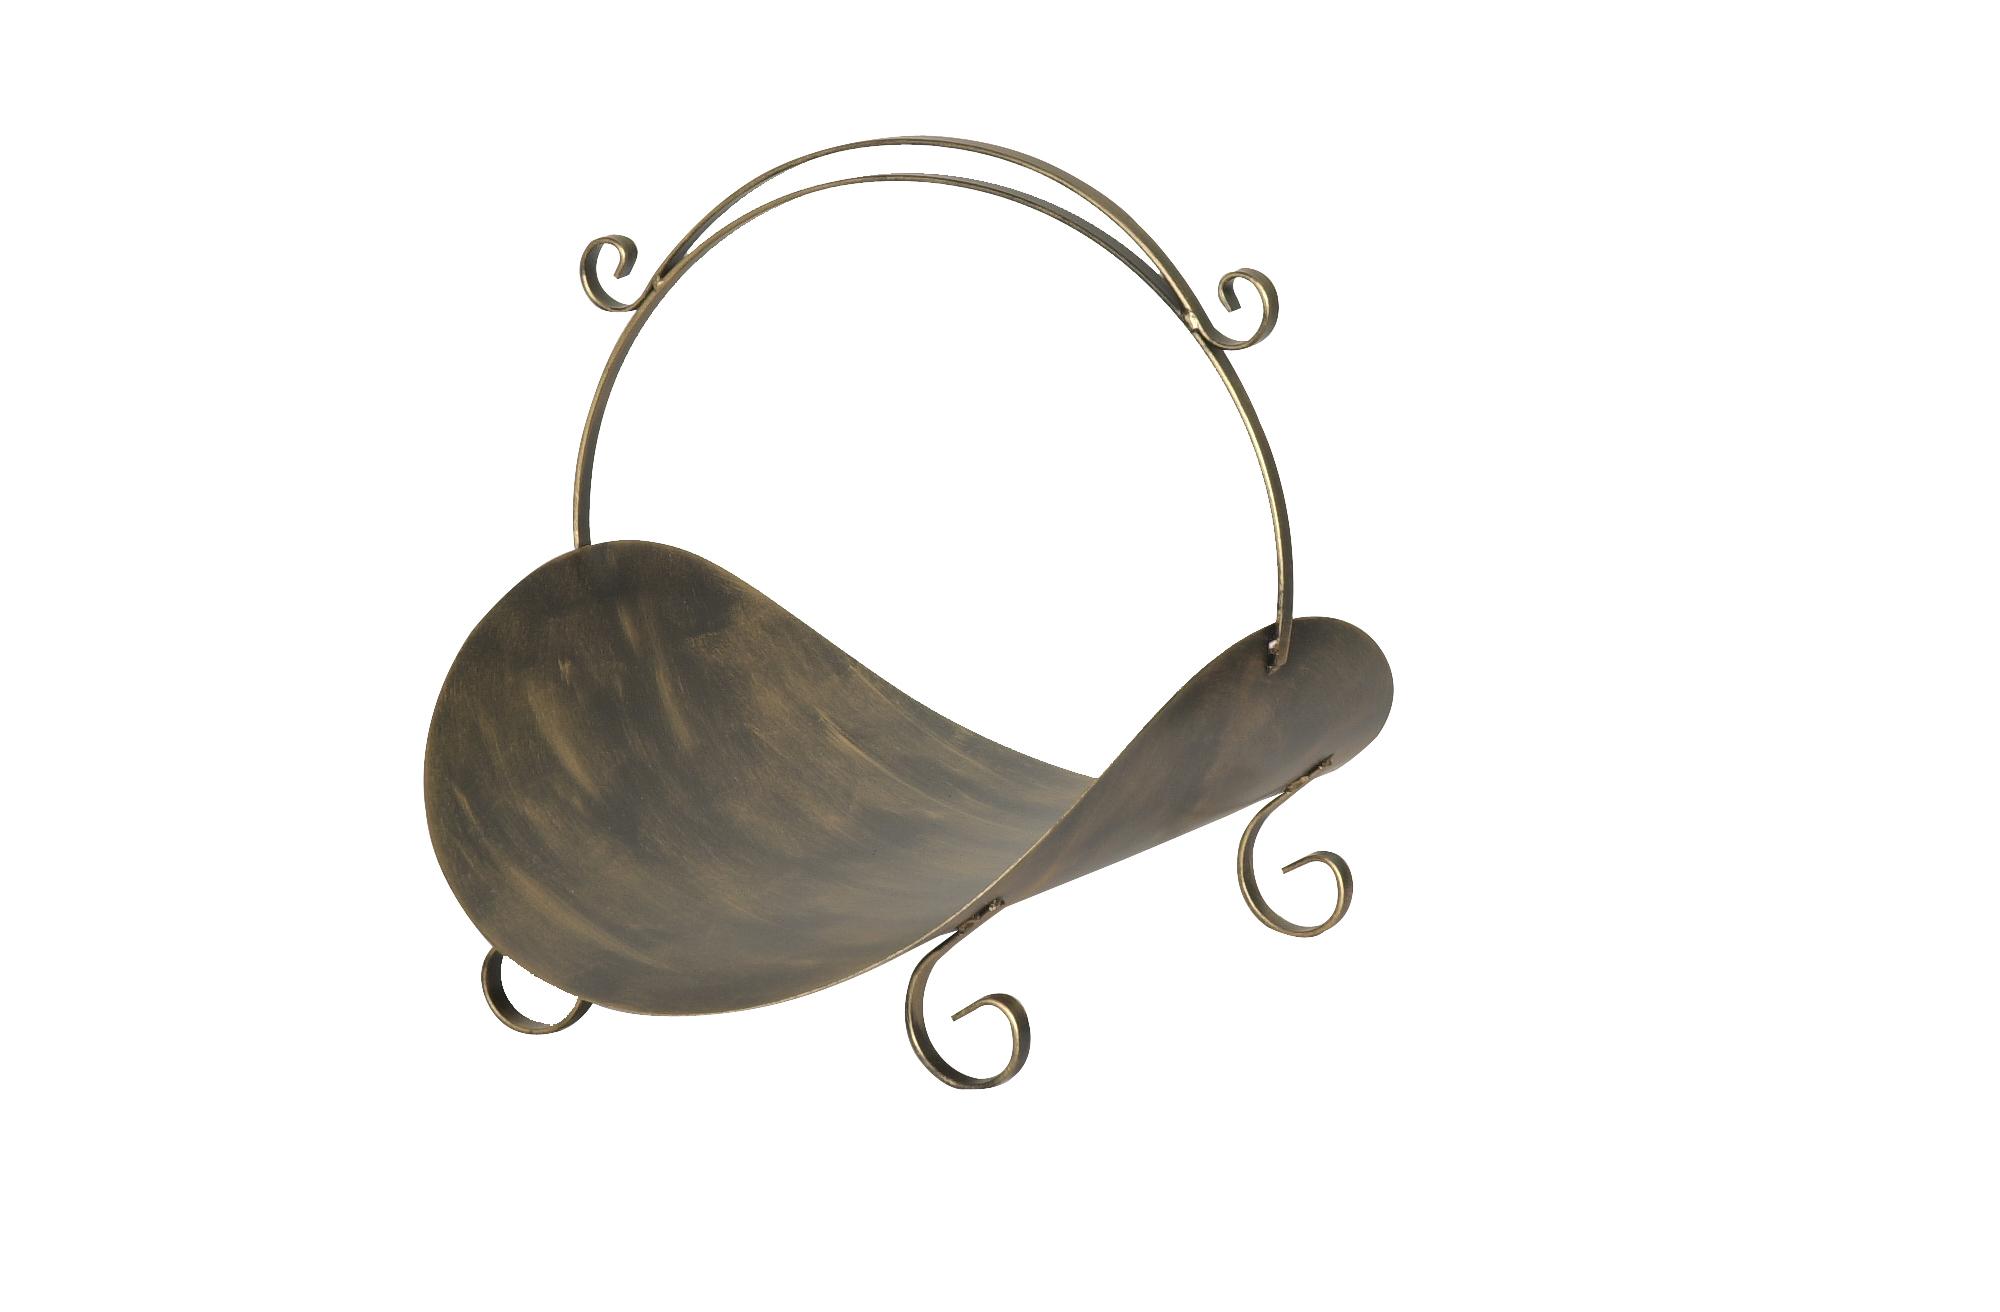 Cesto para lenha cabo de ferro (Cód. 218)